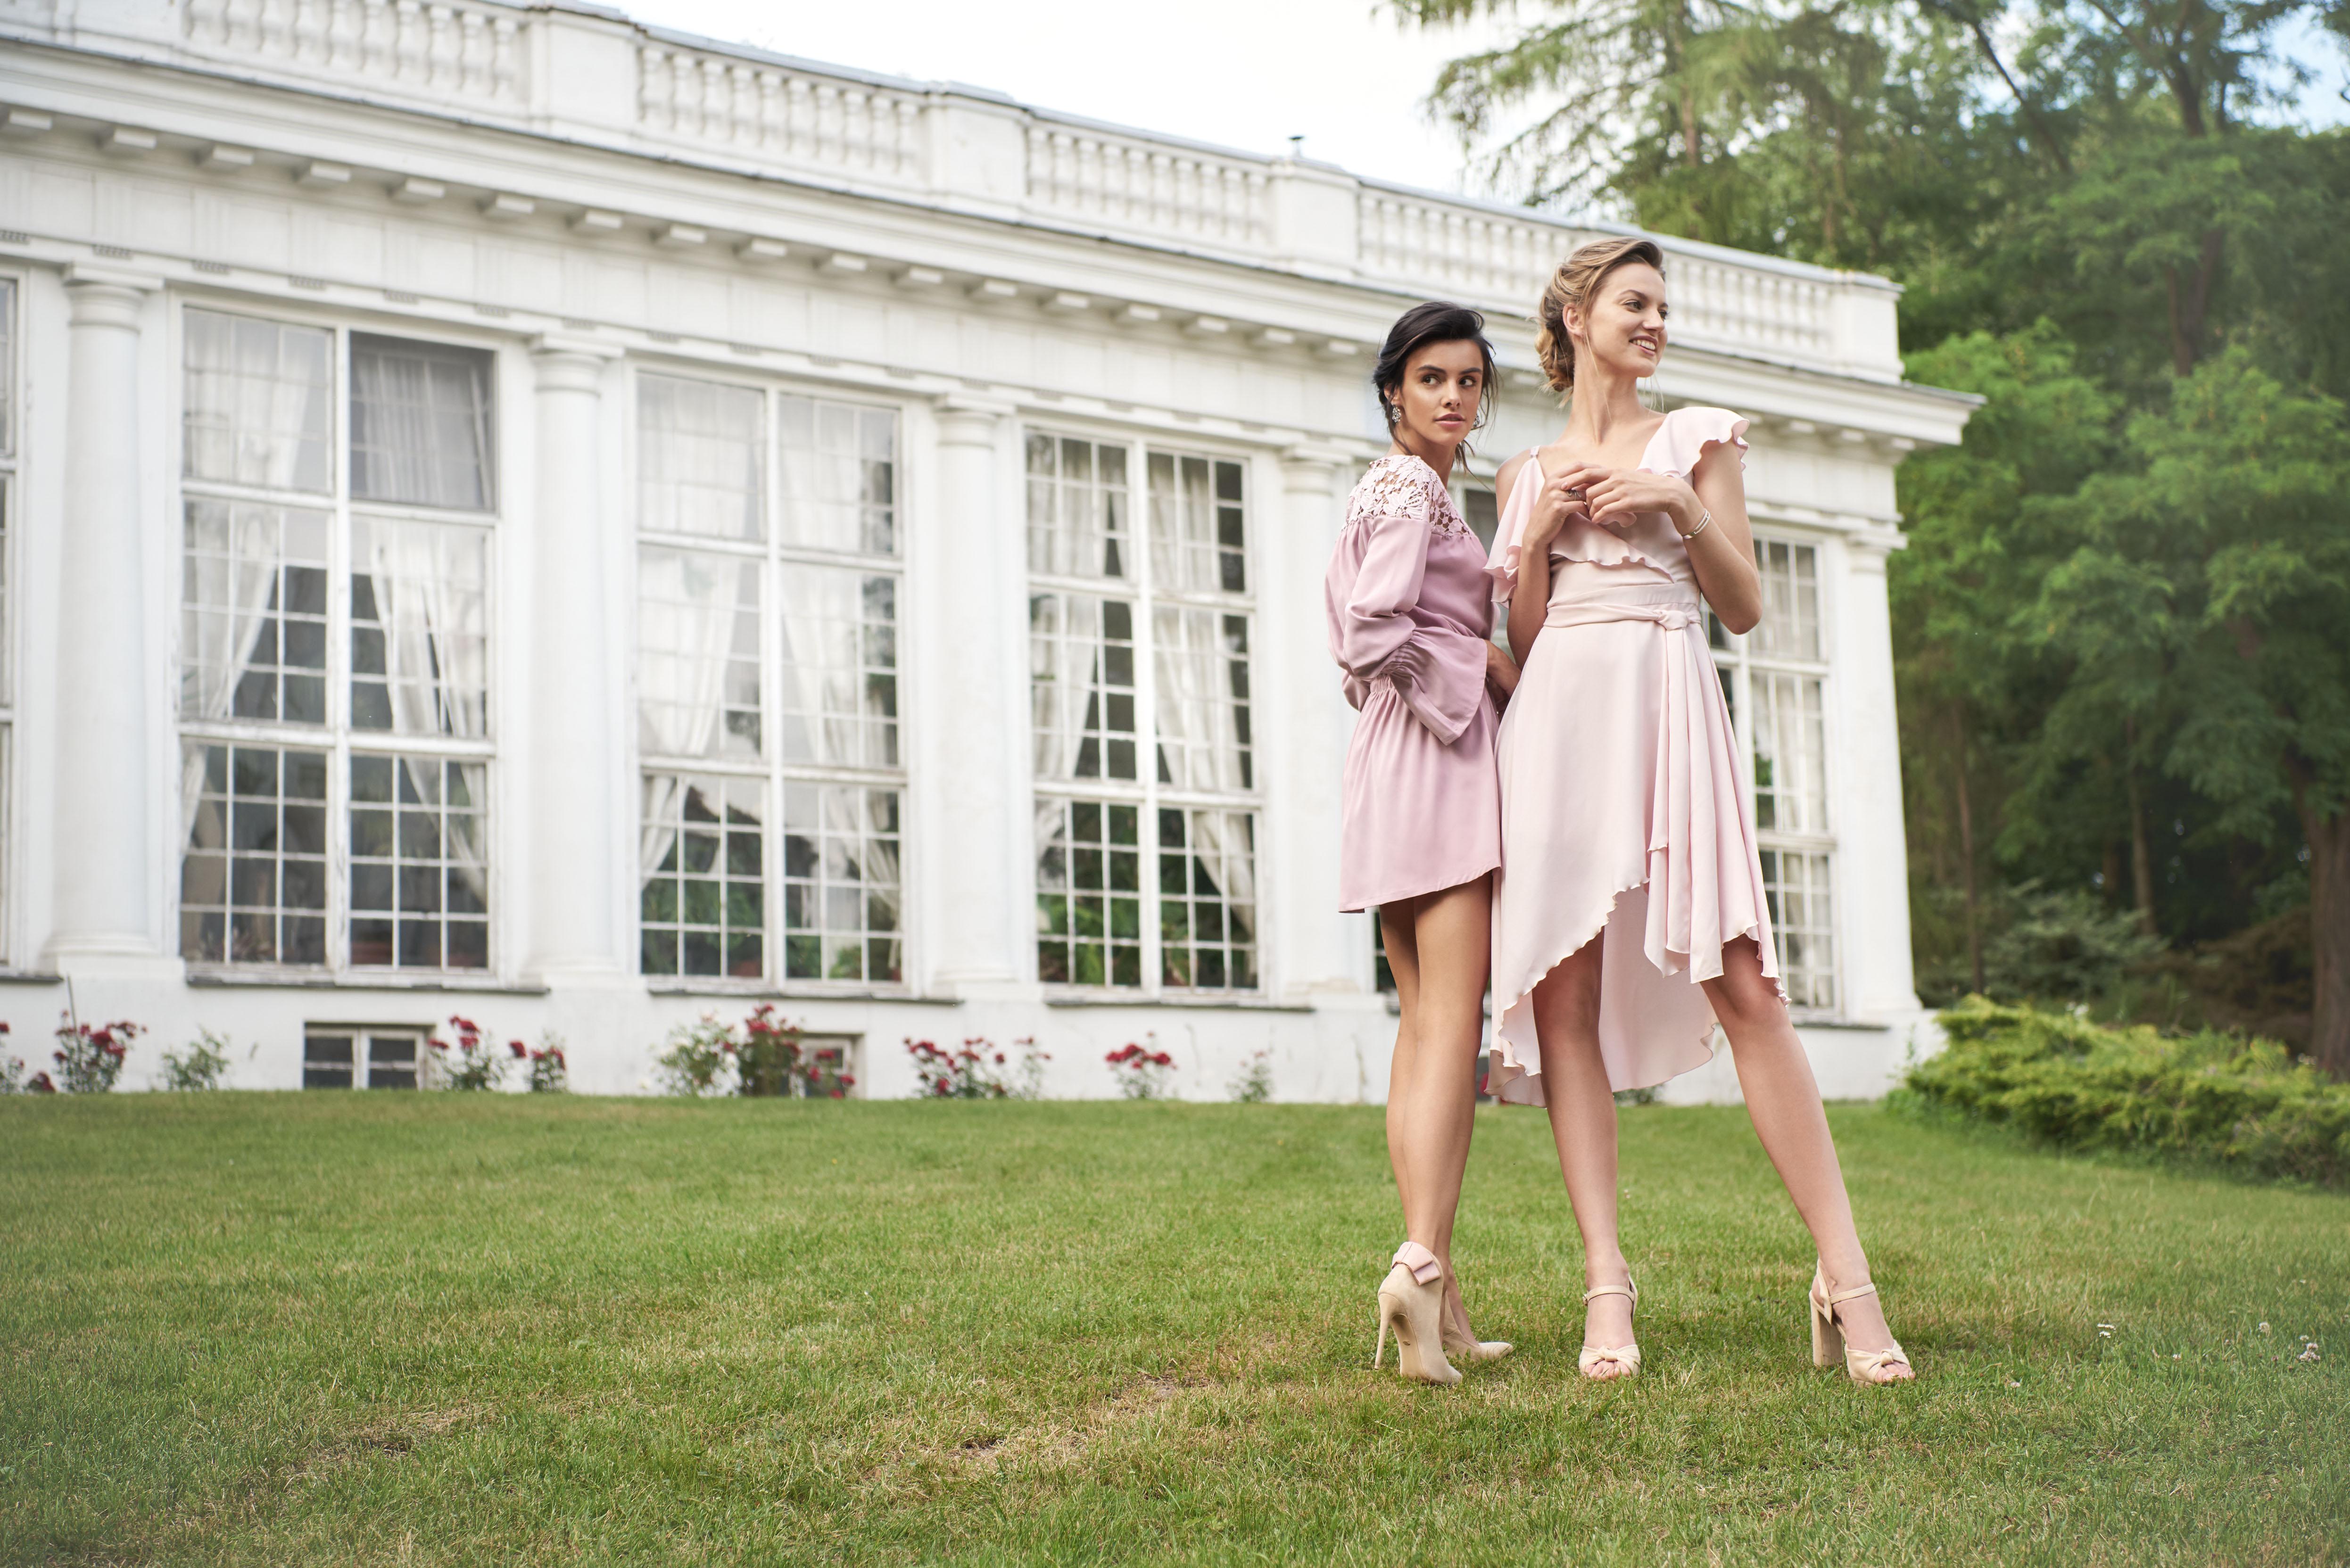 1ffb73a3ac Buty dla nowoczesnej Panny Młodej - Wedding.pl radzi i inspiruje